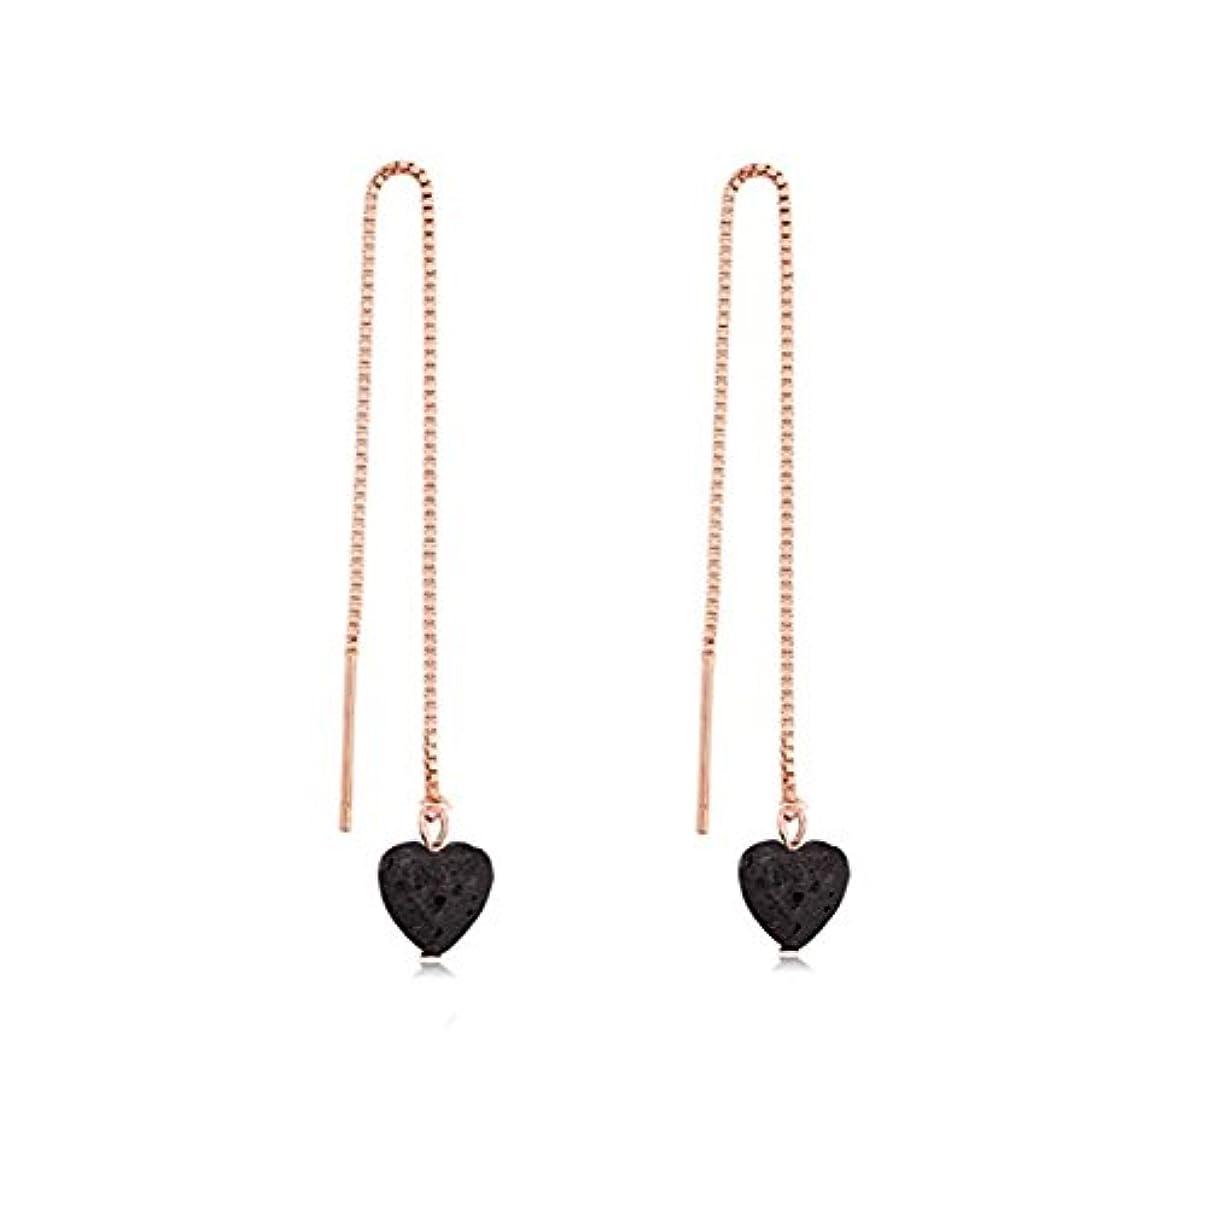 試みるグラフィックつぶやきmanzhen Small Heart Shape Lava Stone ThreaderイヤリングEssential Oil Diffuserイヤリング